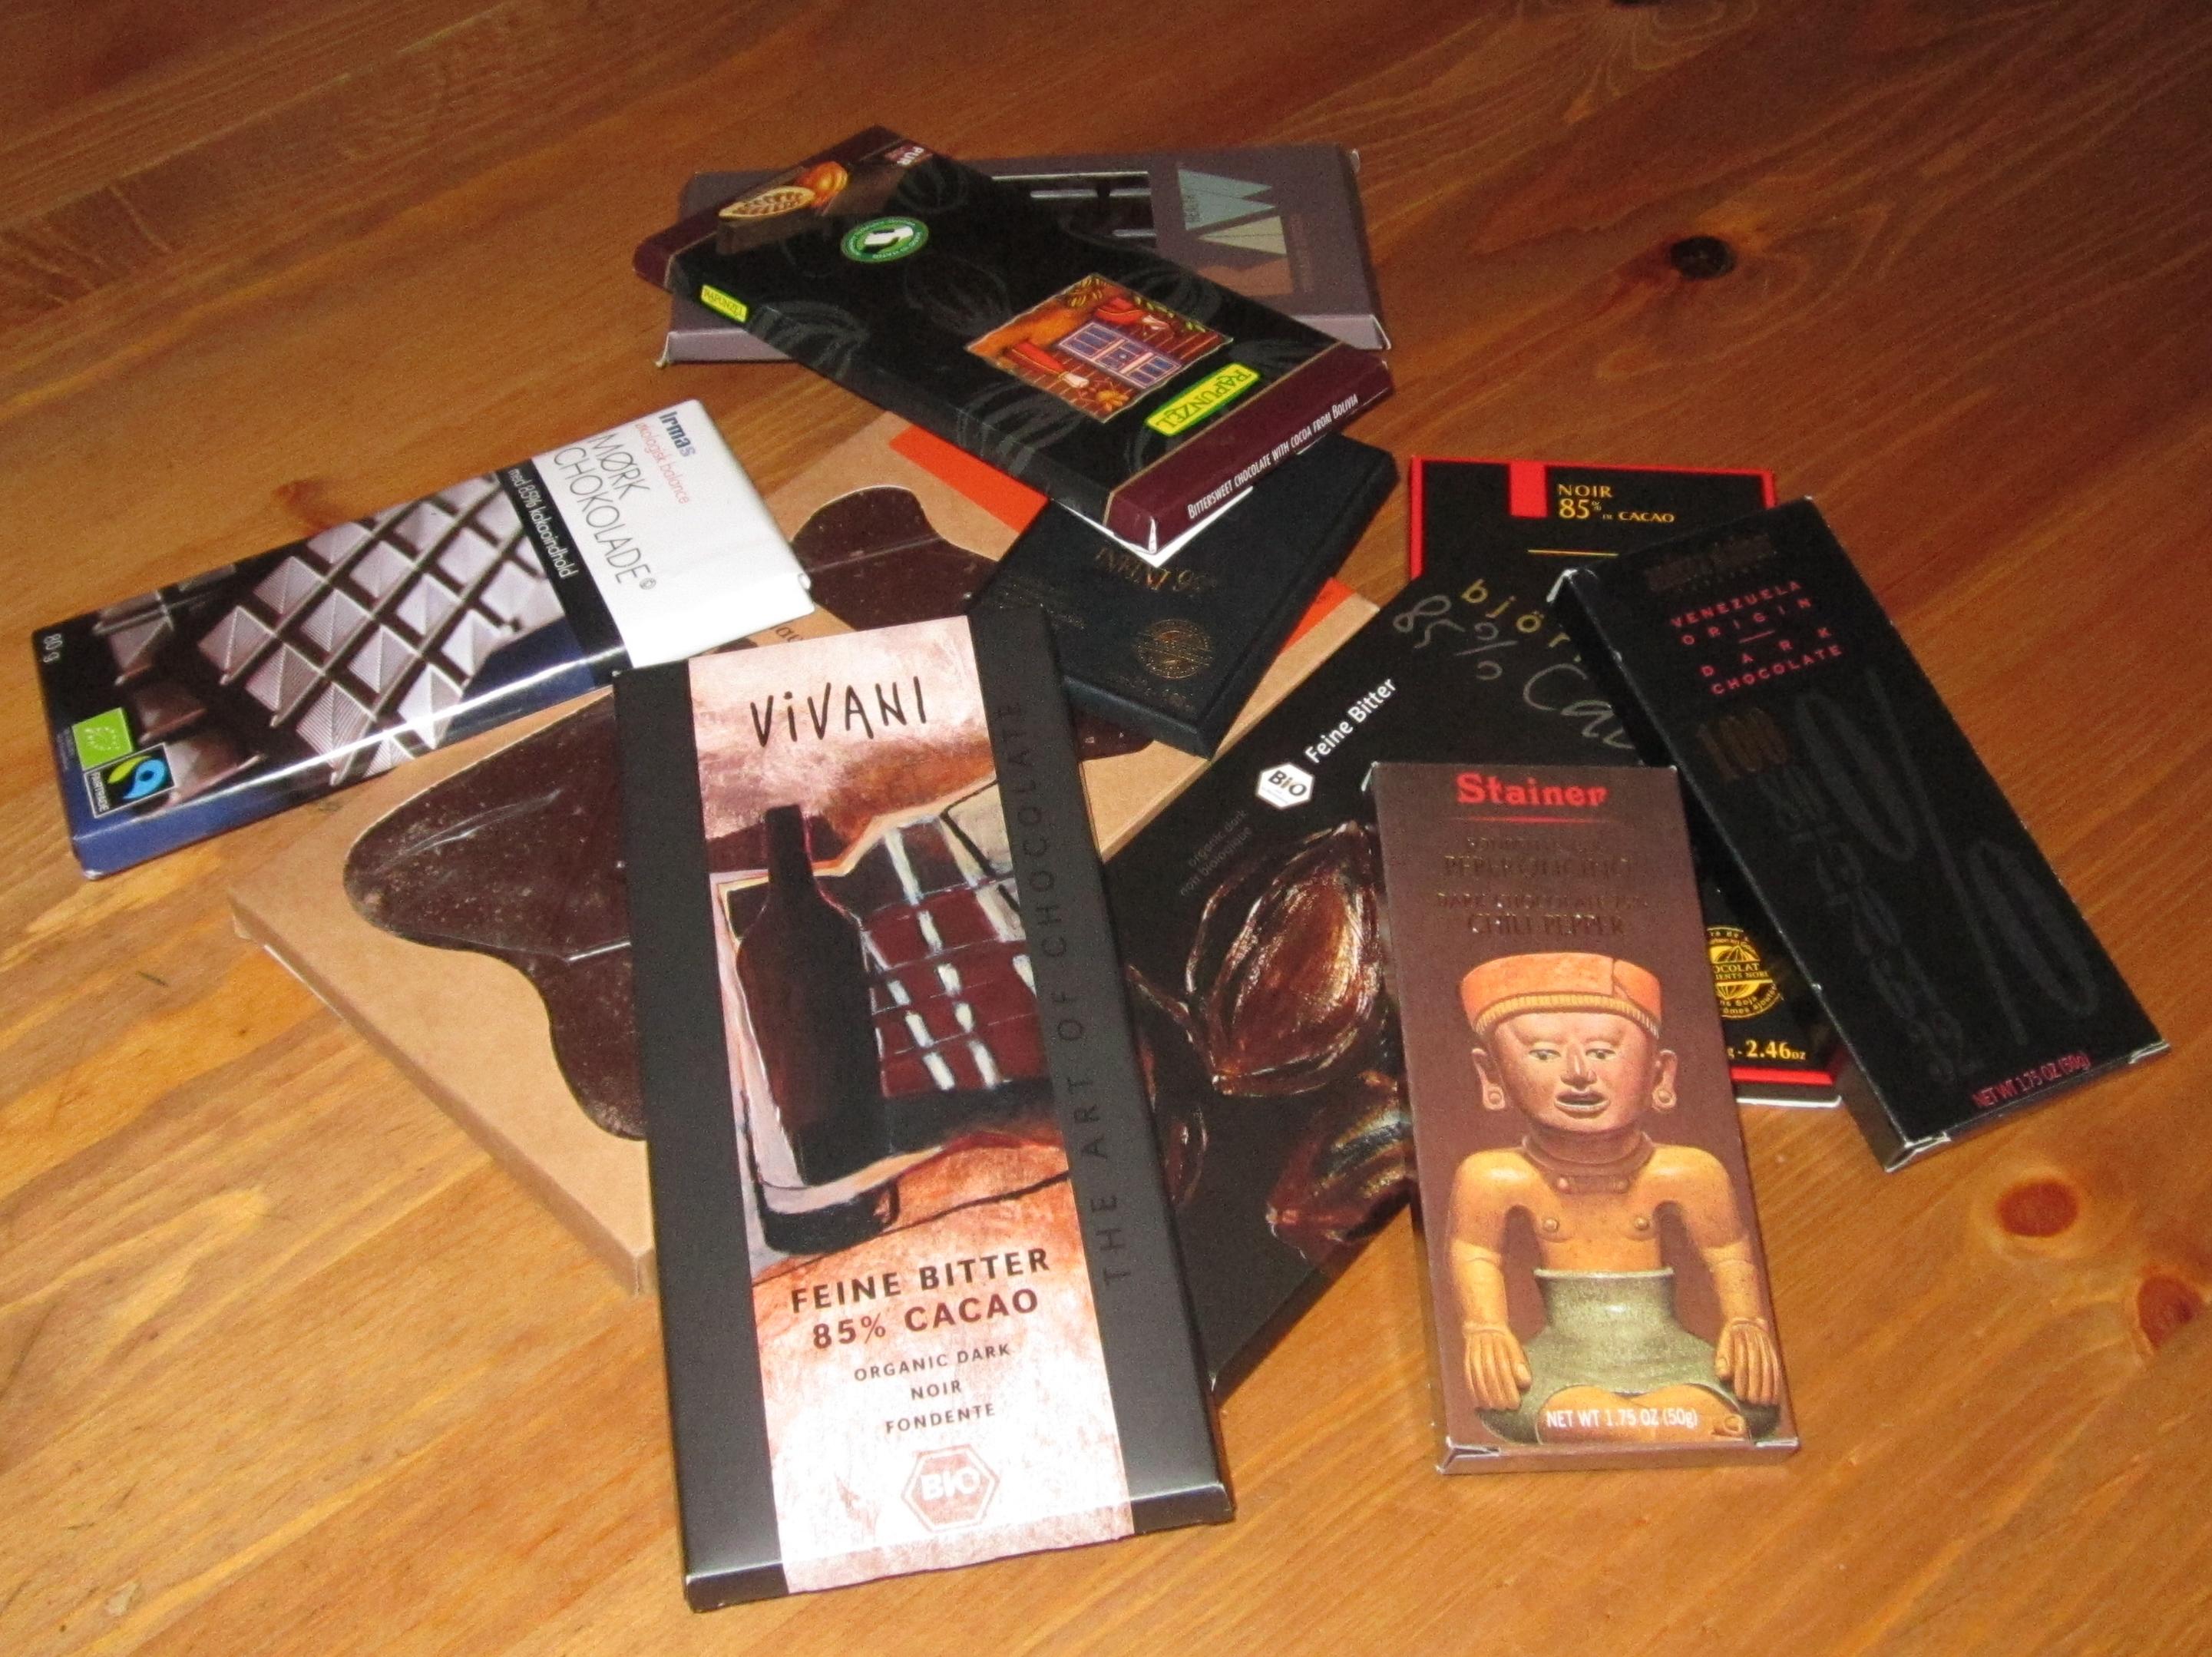 Chokolade er sundt, hvis du vælger den rigtige mørk chokolade